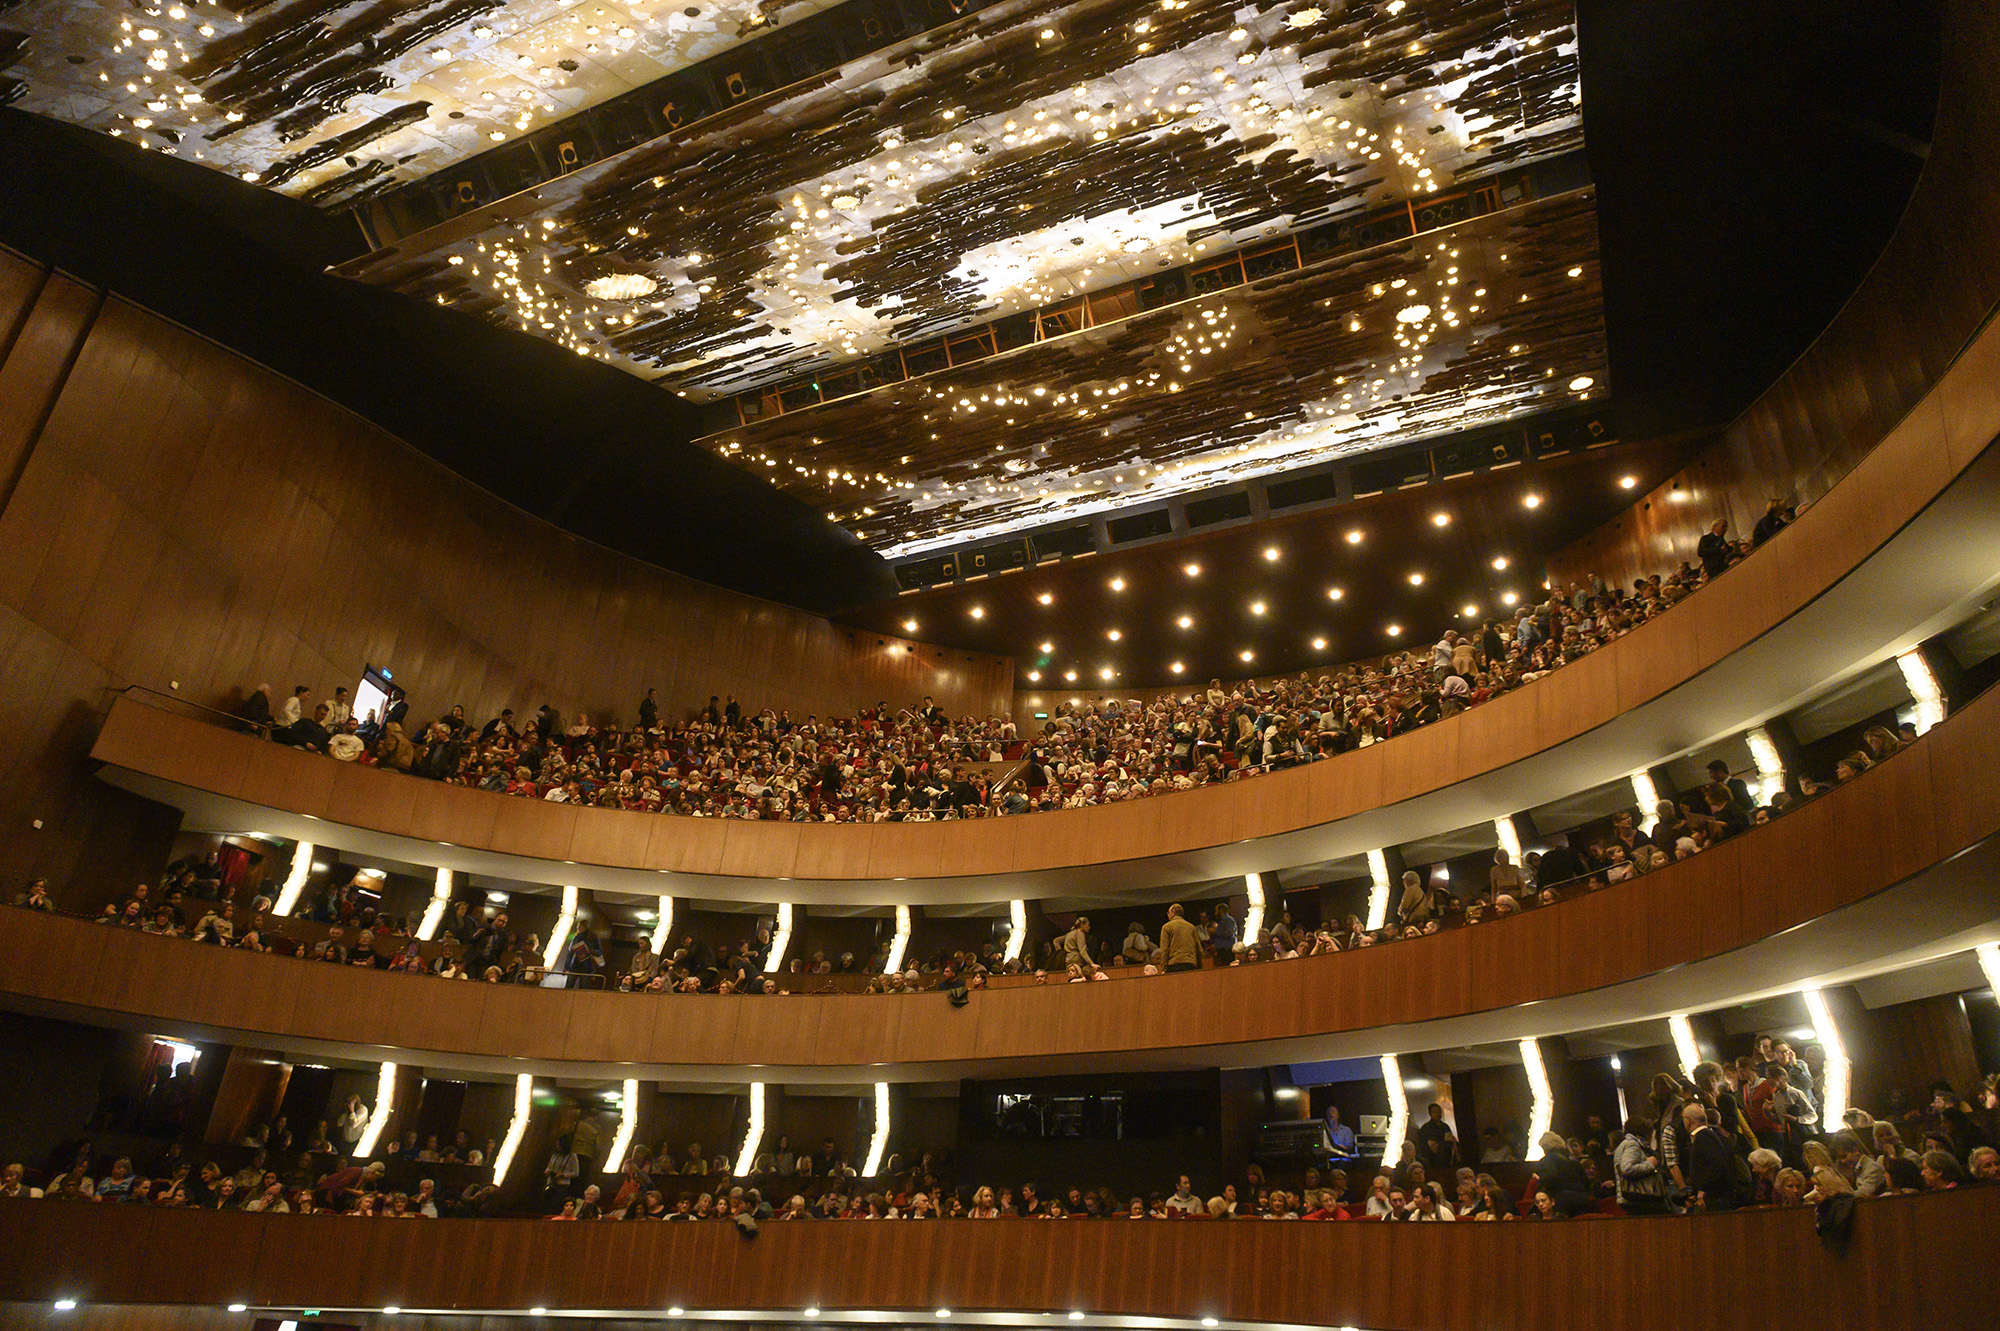 Grand-Théâtre - conceptions et développements de solutions en éclairage